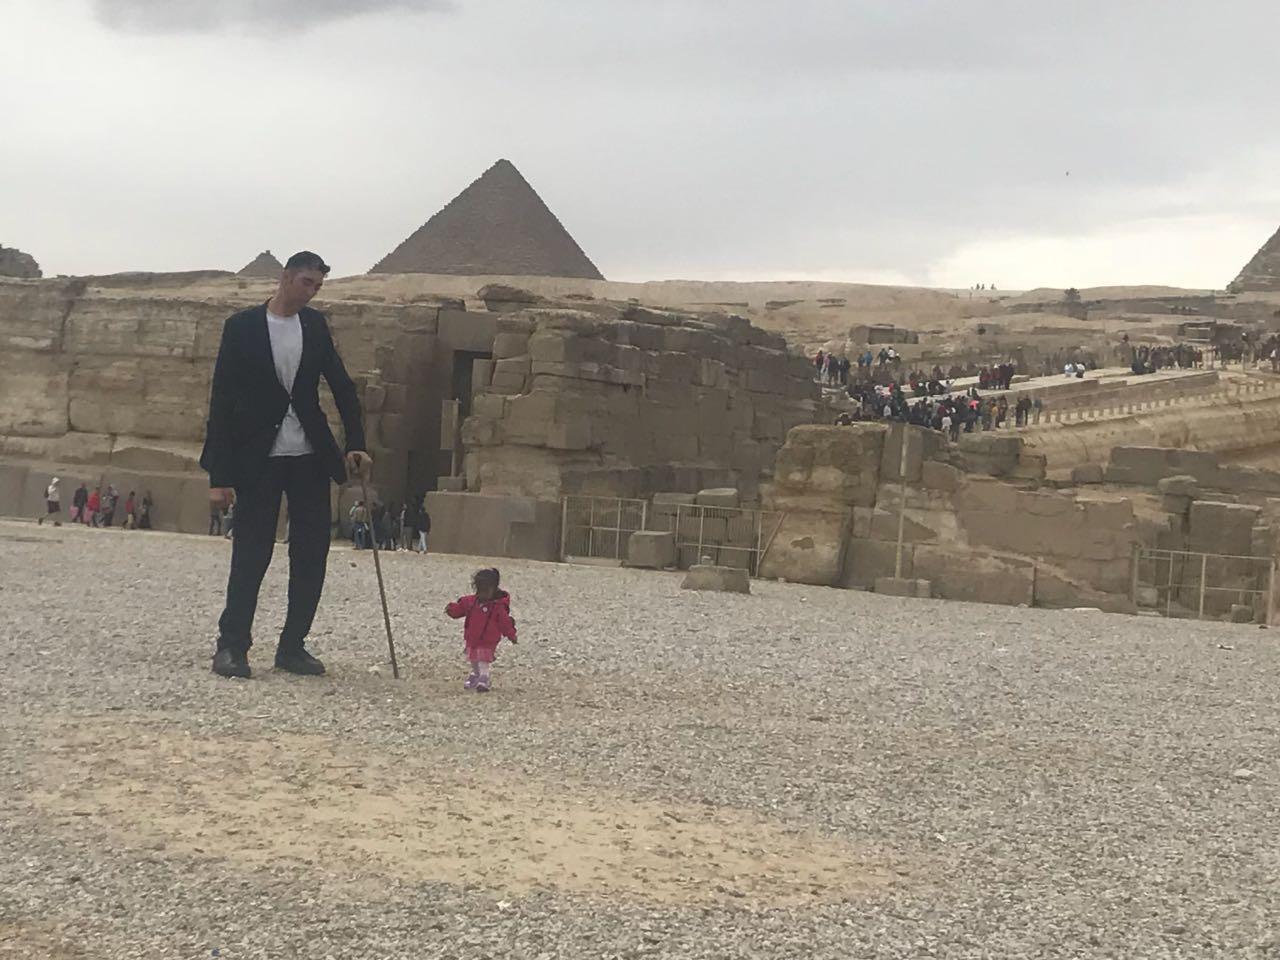 بالصور اطول رجل في العالم , اهم المعلومات عنه 2750 10